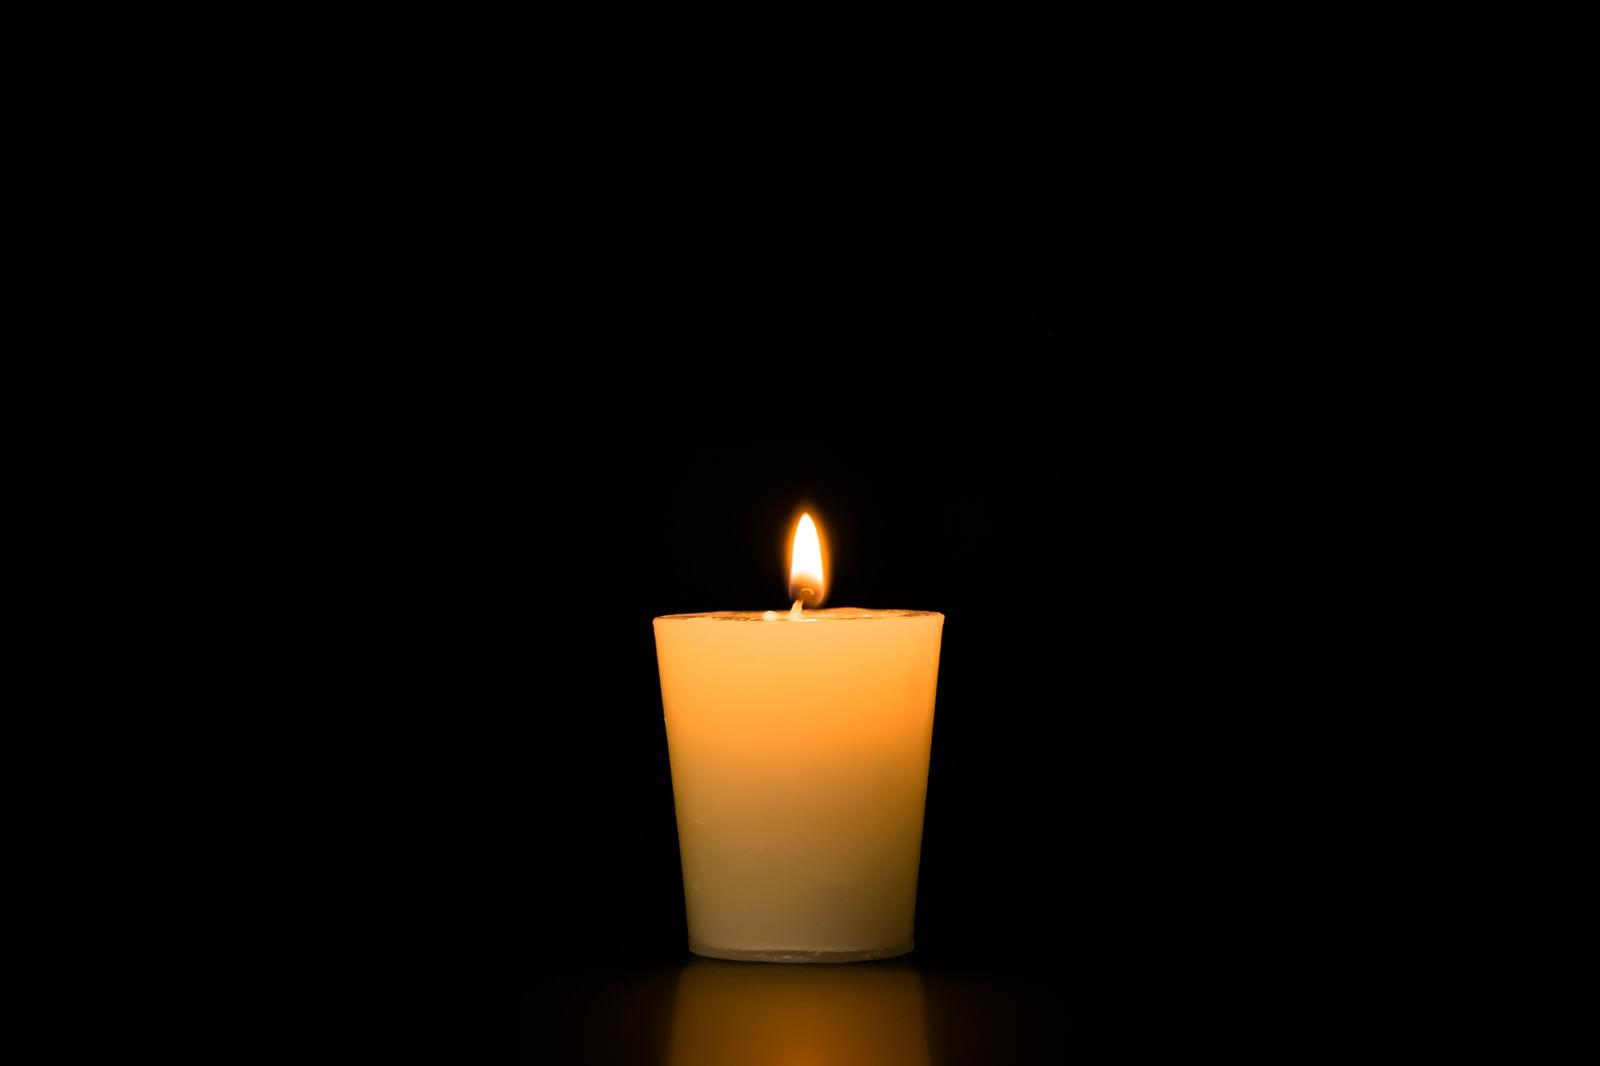 「アロマキャンドの点火」の写真